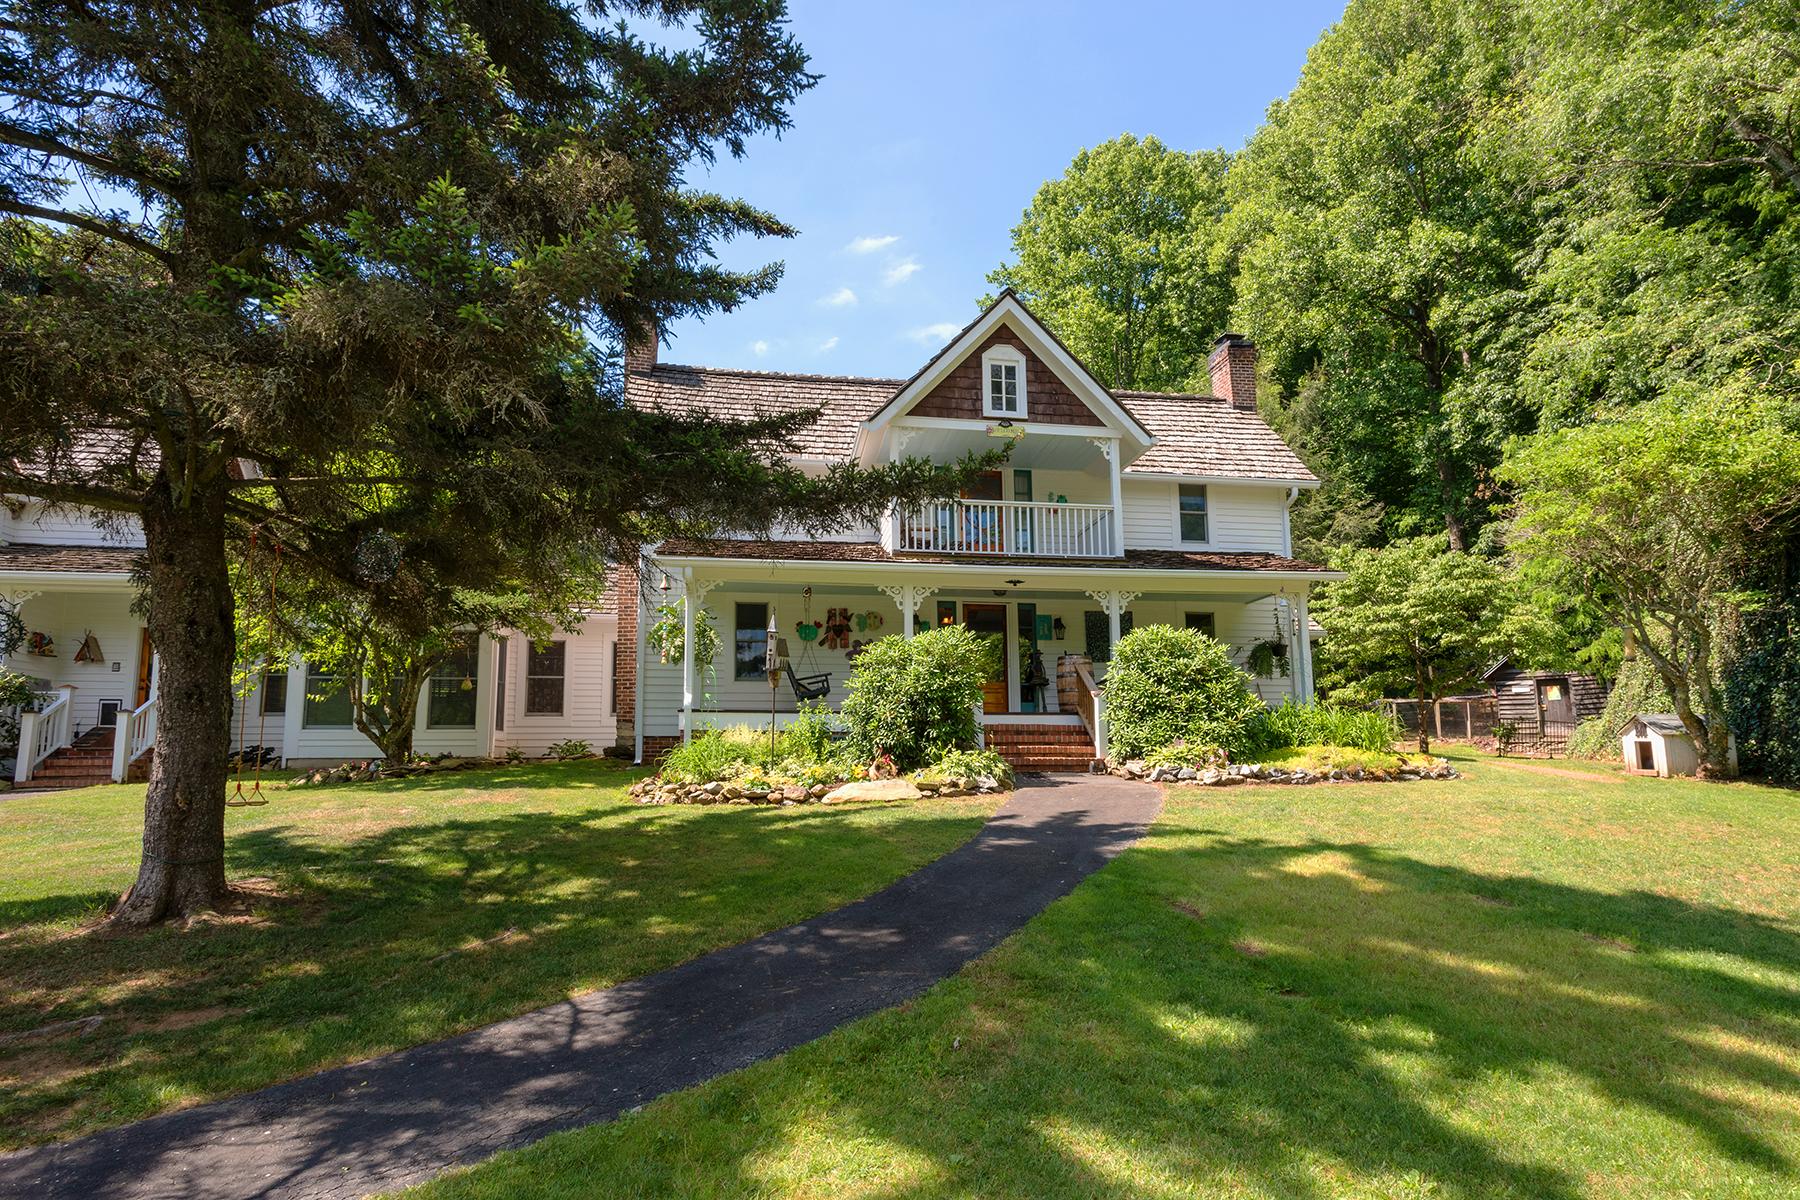 獨棟家庭住宅 為 出售 在 BANNER ELK 804 Justus Road Banner Elk, 北卡羅來納州, 28604 美國